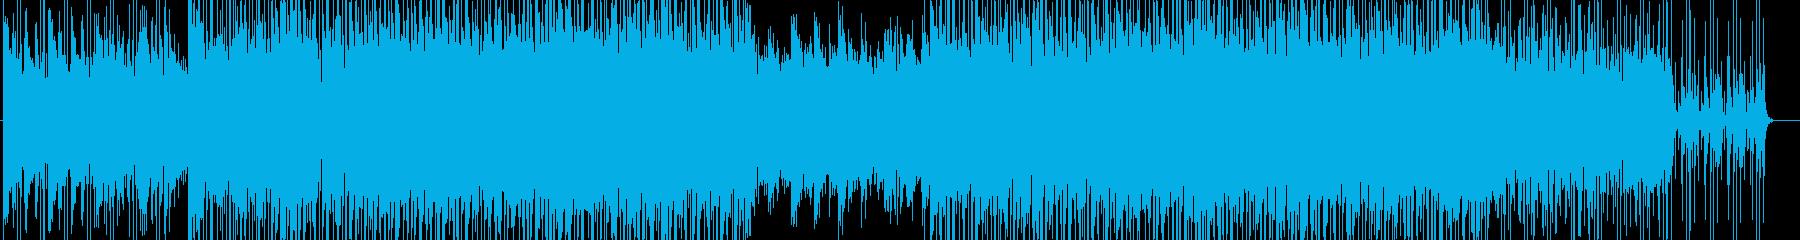 ラグジュアリーで落ち着いた雰囲気のBGMの再生済みの波形